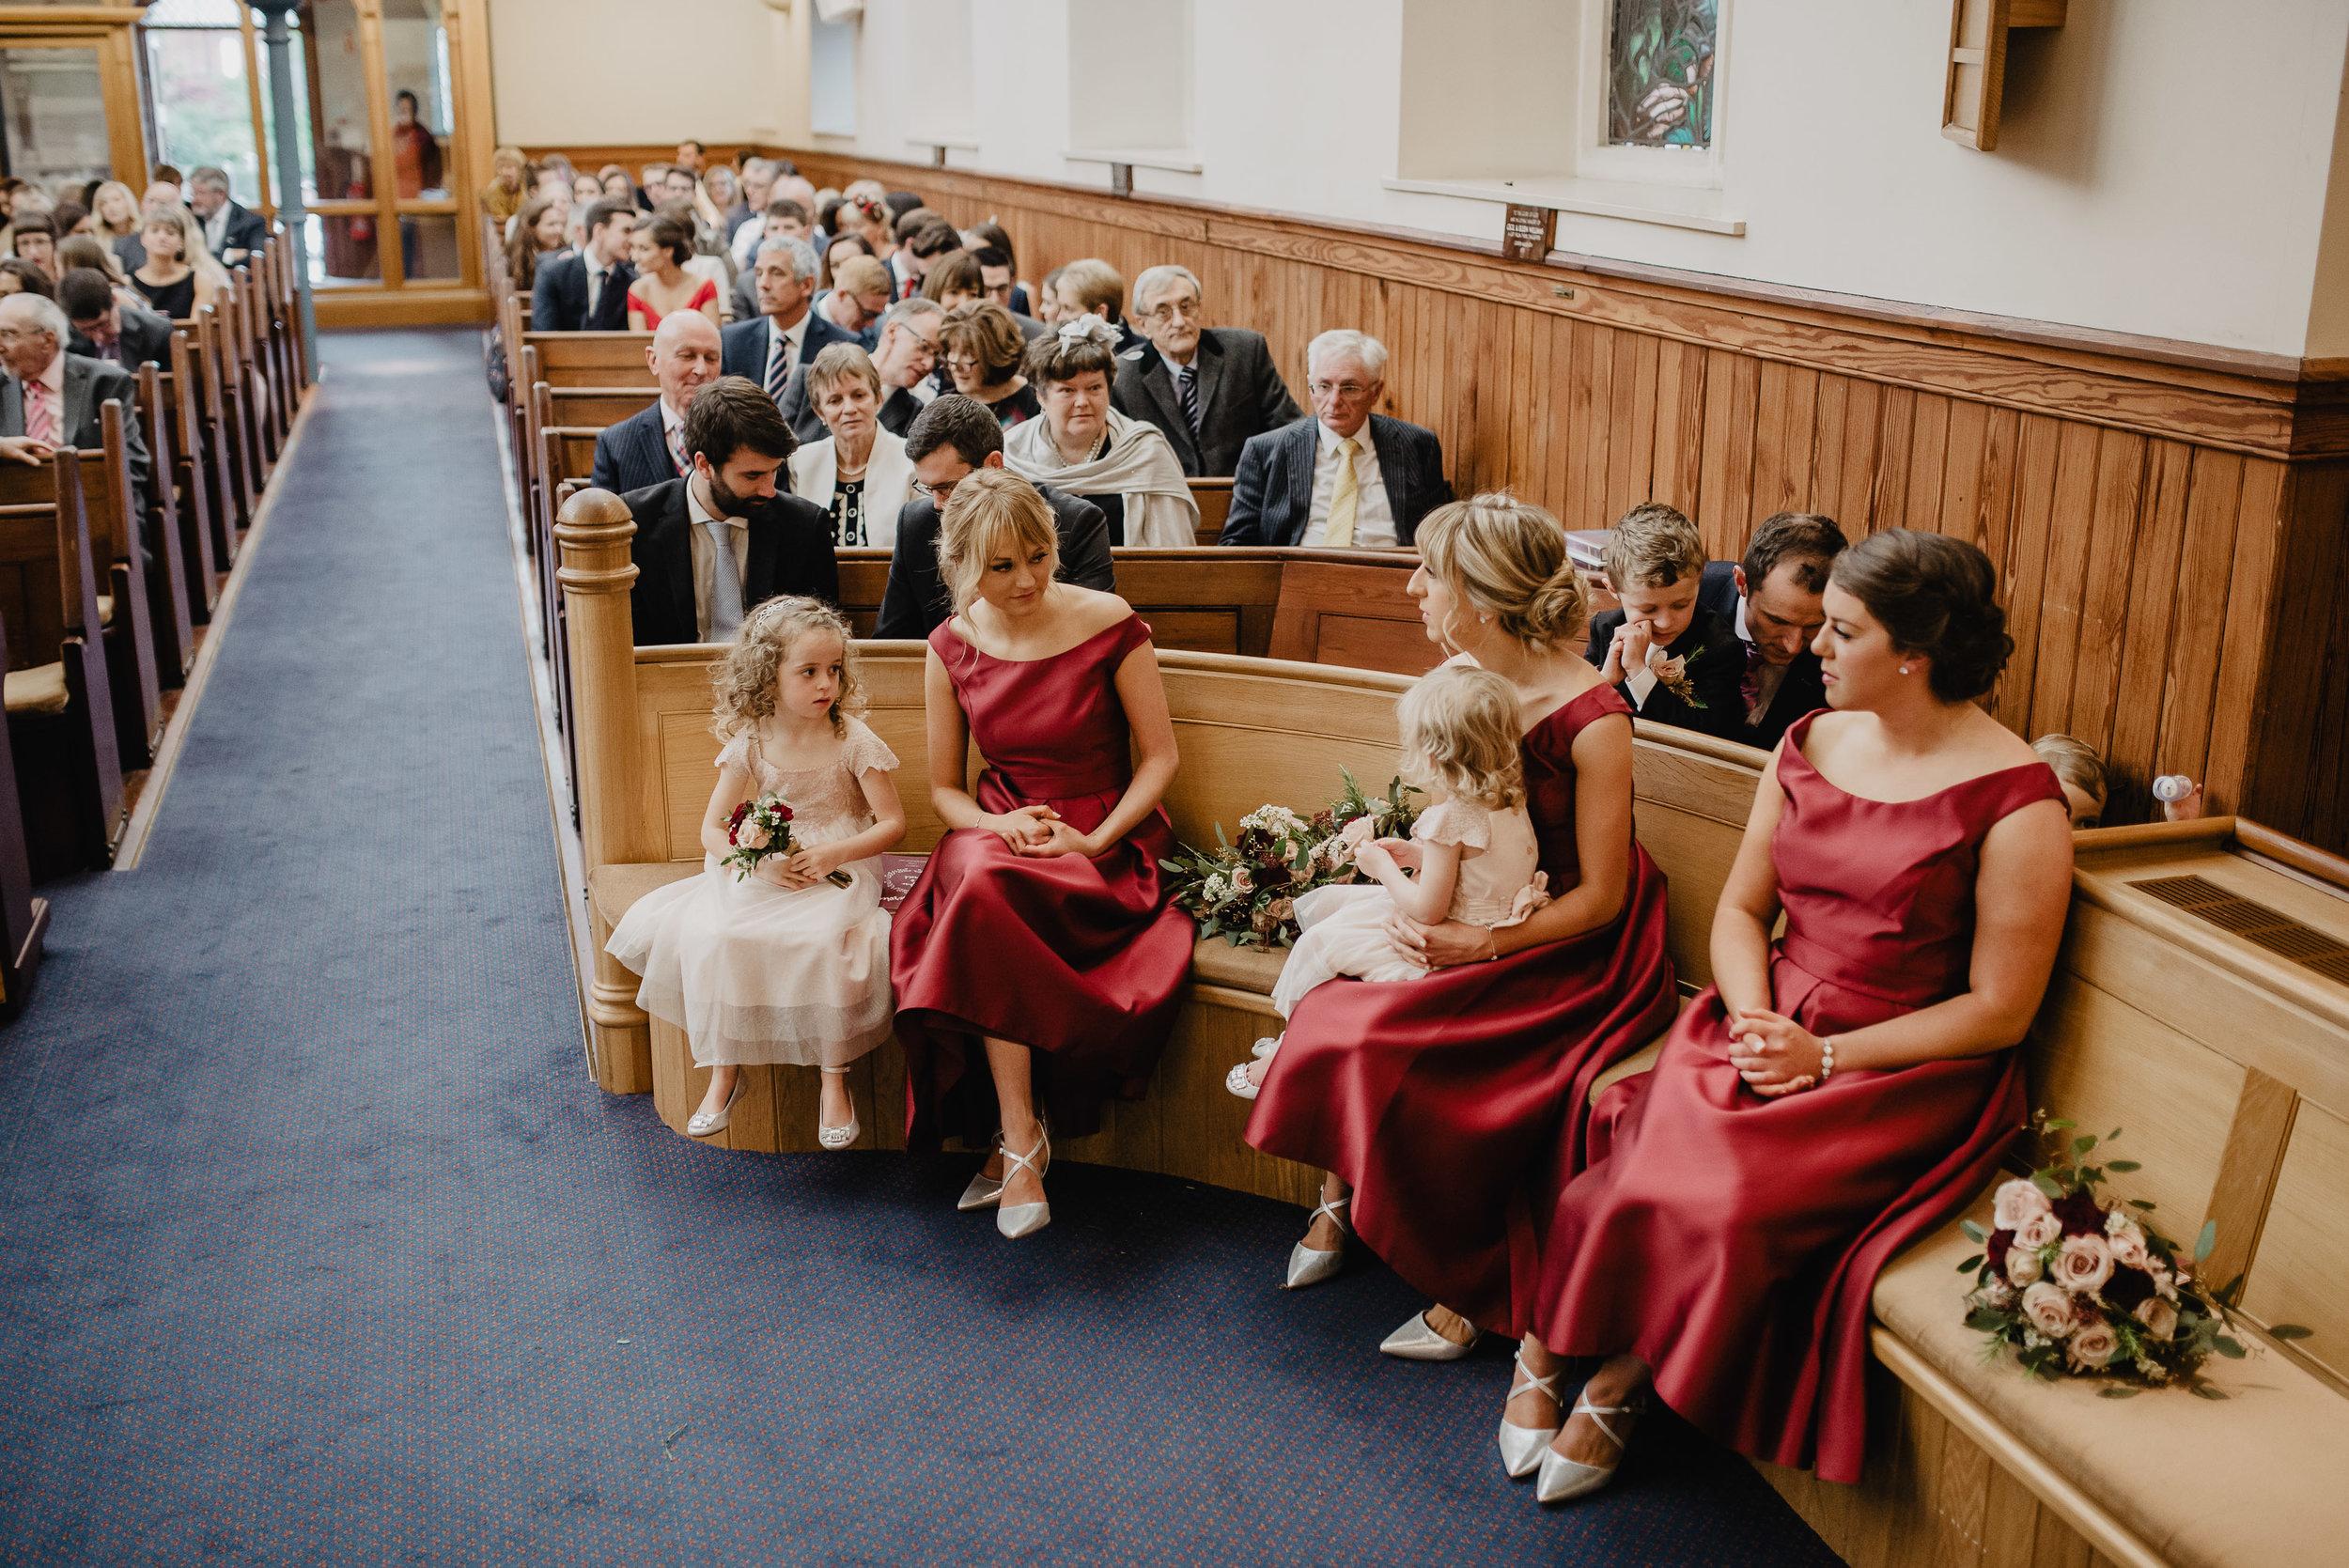 larchfield estate wedding photos-64.jpg